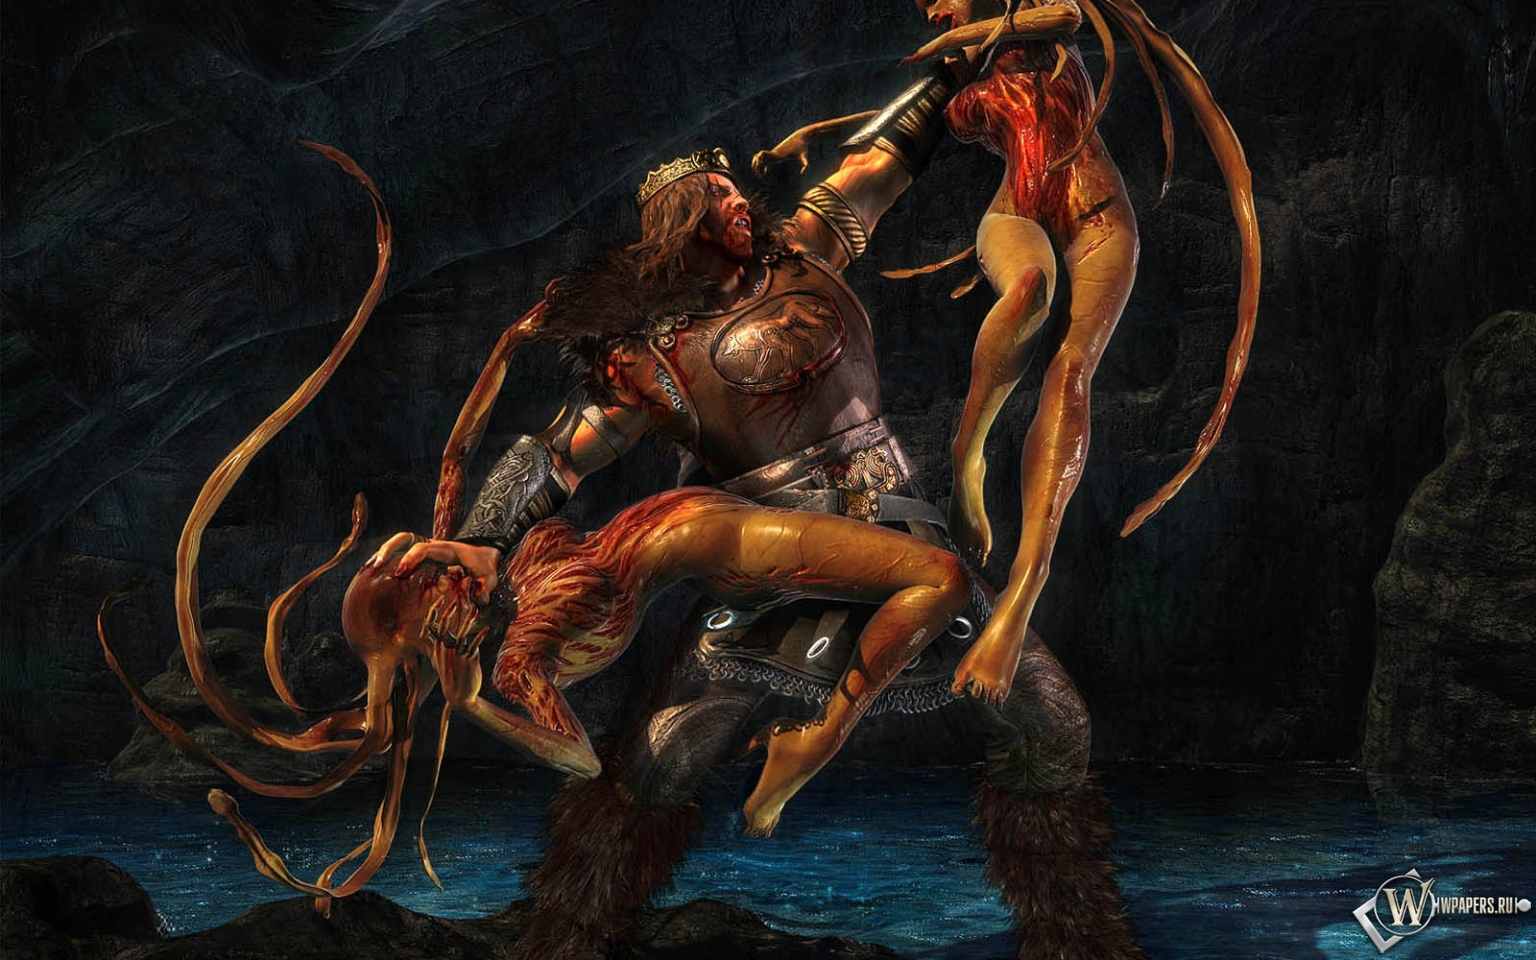 3d tentacle porn pics free download nudes scenes